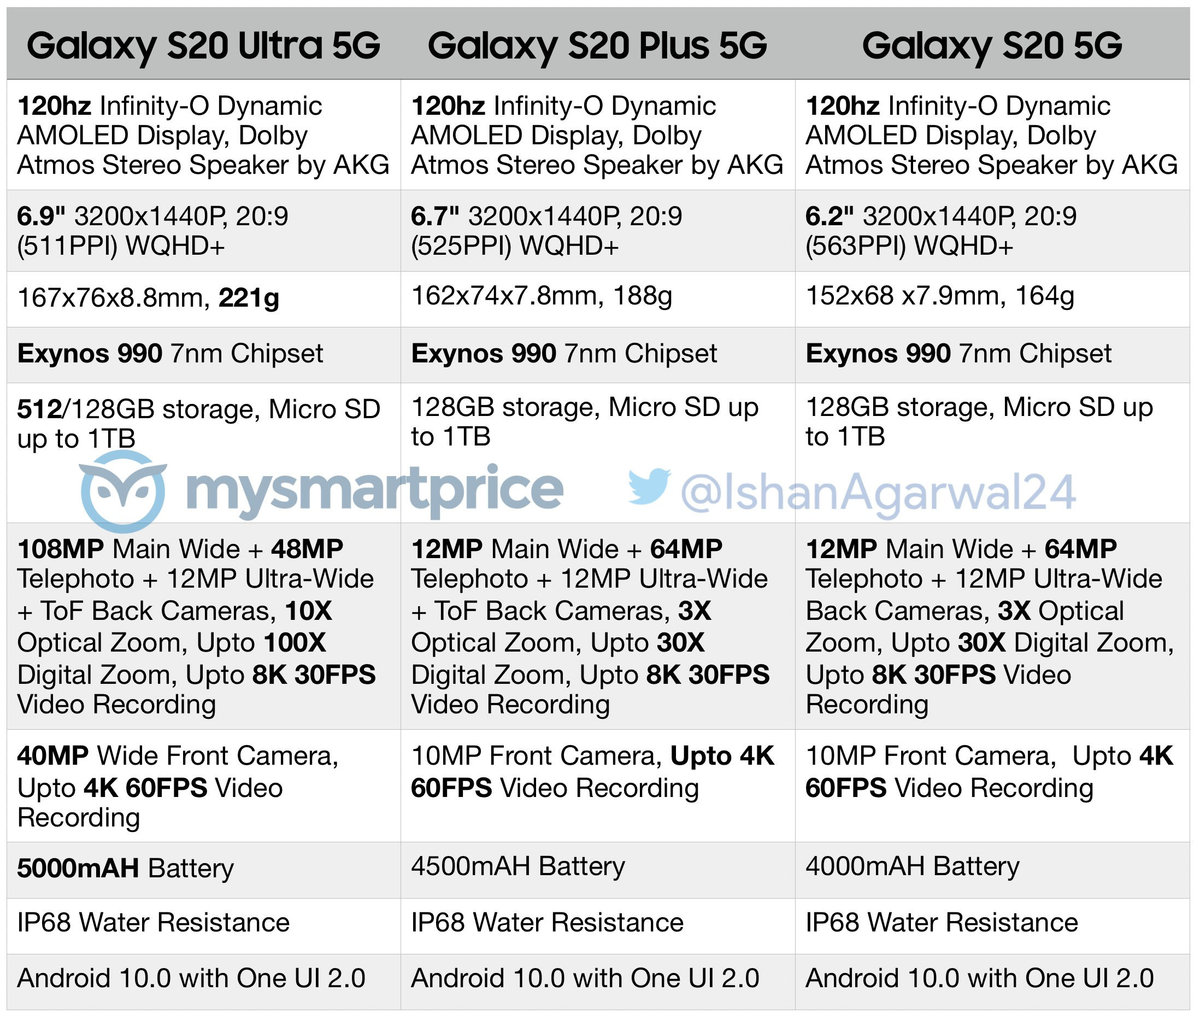 三星 S20 系列全机型配置曝光:标配 2K@120Hz 屏幕 - 热点资讯